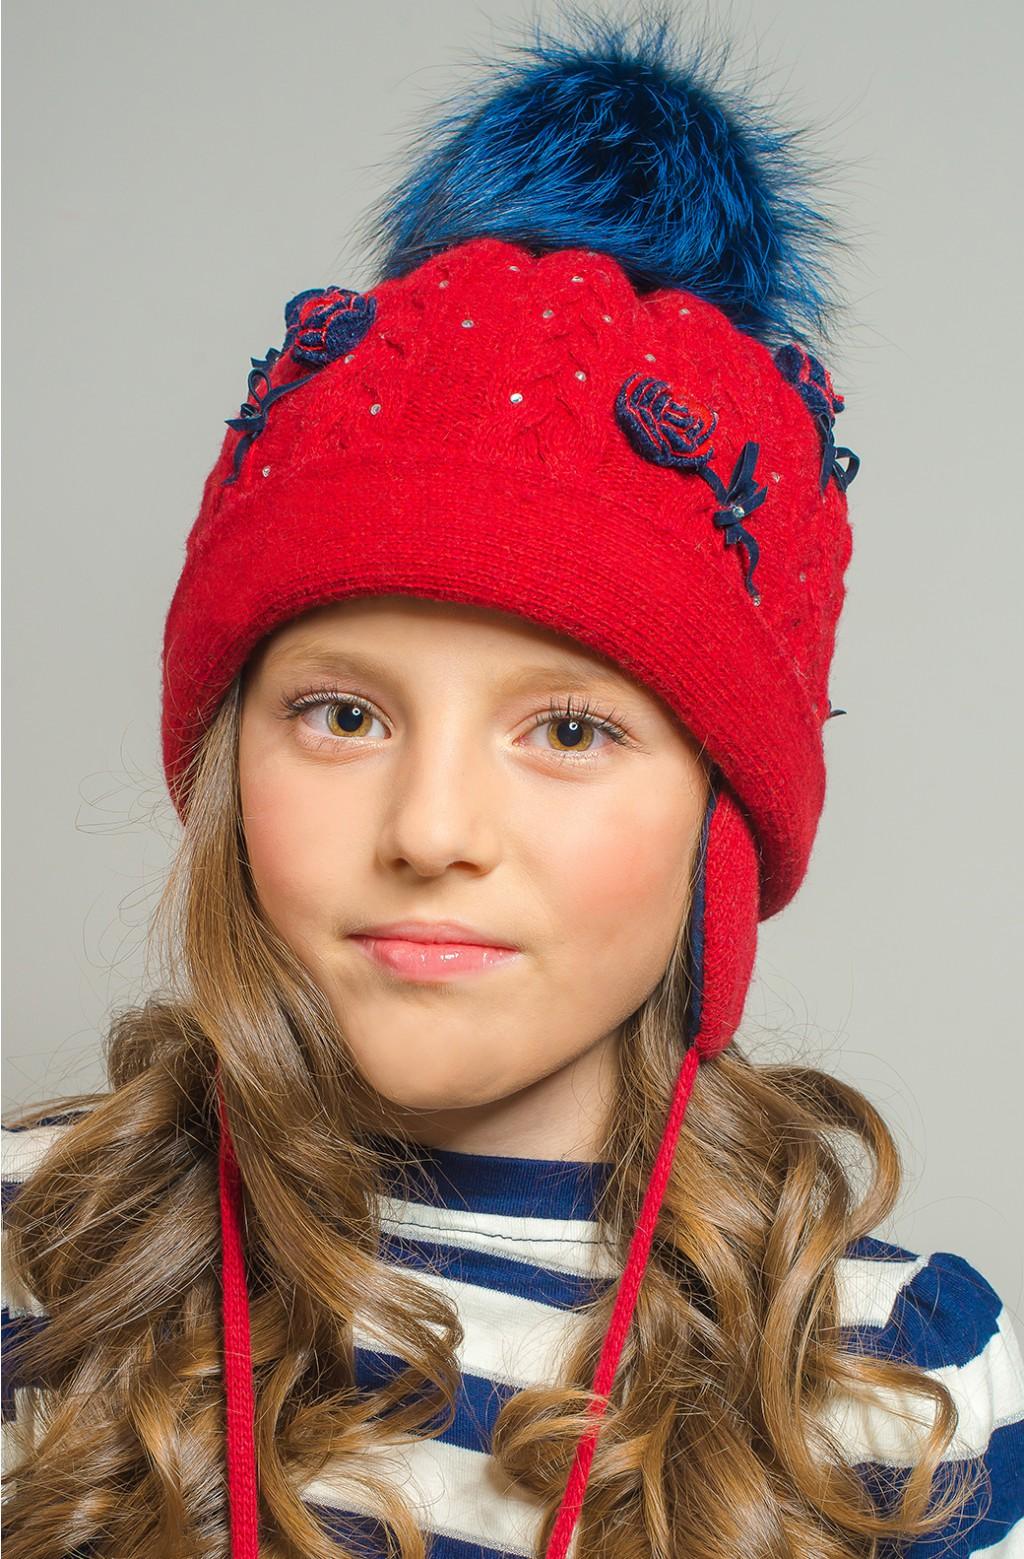 Сбор заказов: Мир детских шапочек шлемов, варежек на все сезоны 0-14 лет . Просто огромный ассортимент ! Цены от 180 рублей.